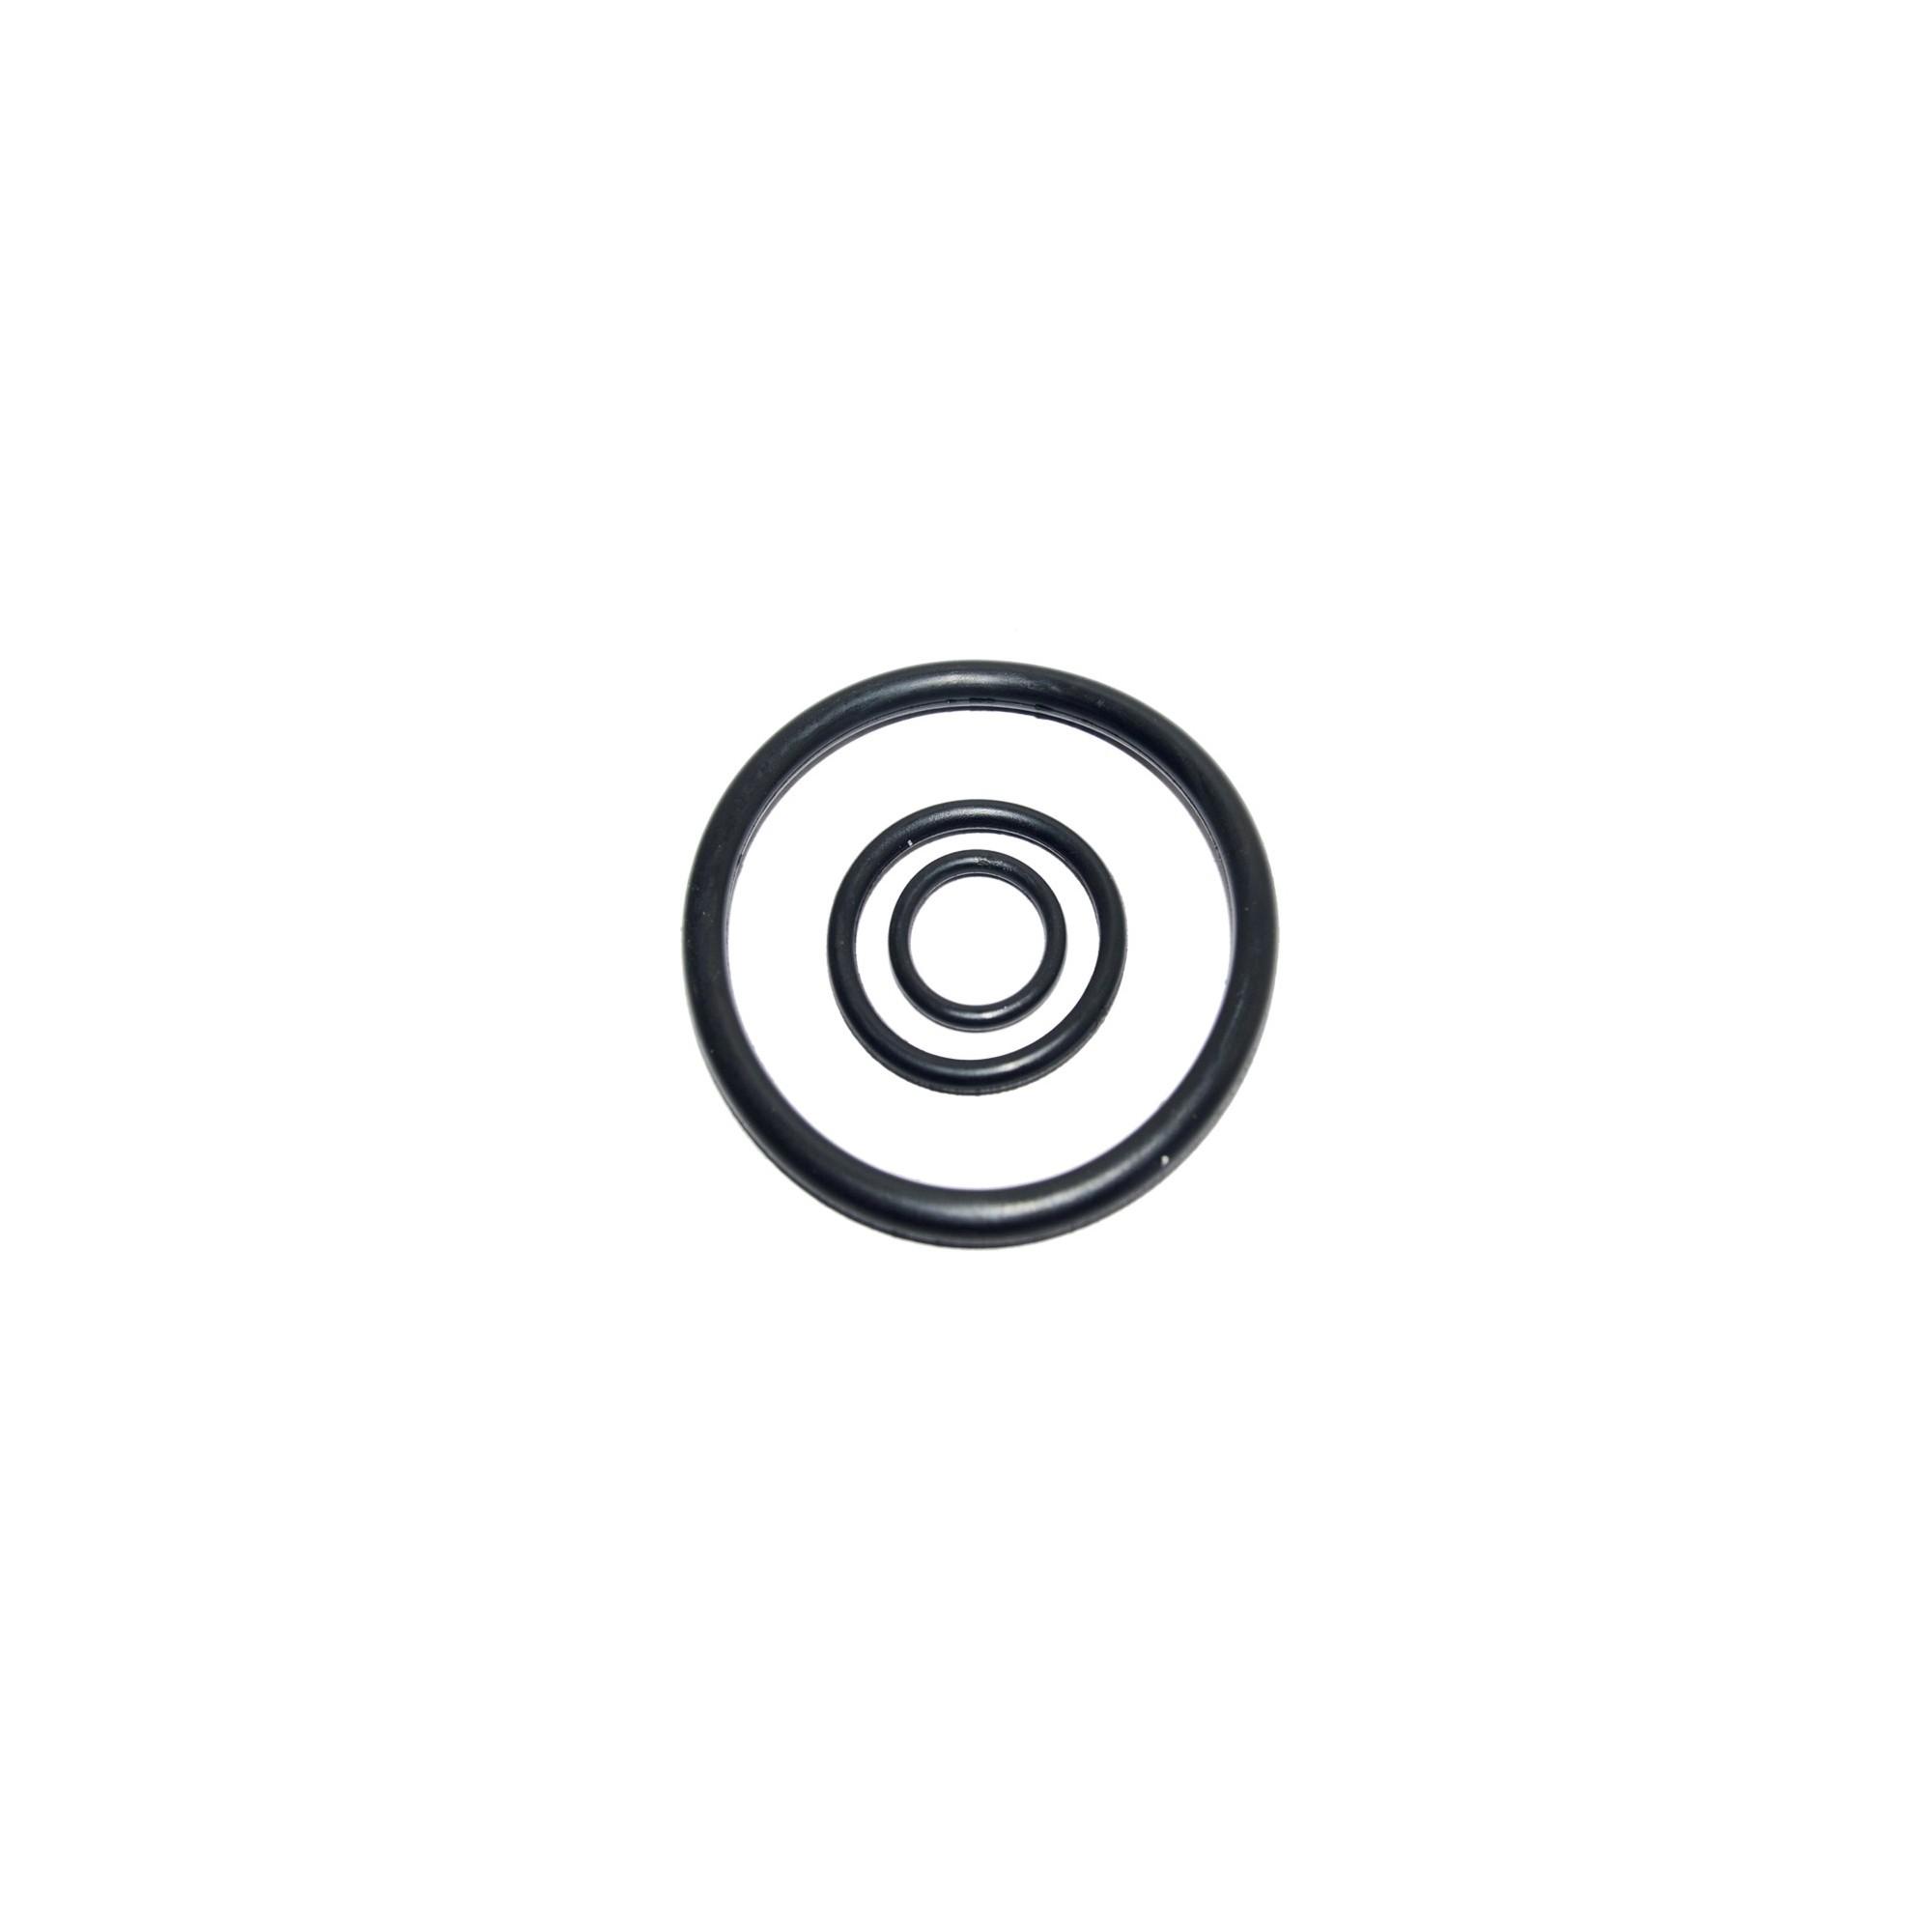 Упаковка резиновых прокладок 100 шт кольцо на американку 1/2 20мм*15мм*2.5мм J.G. - 1